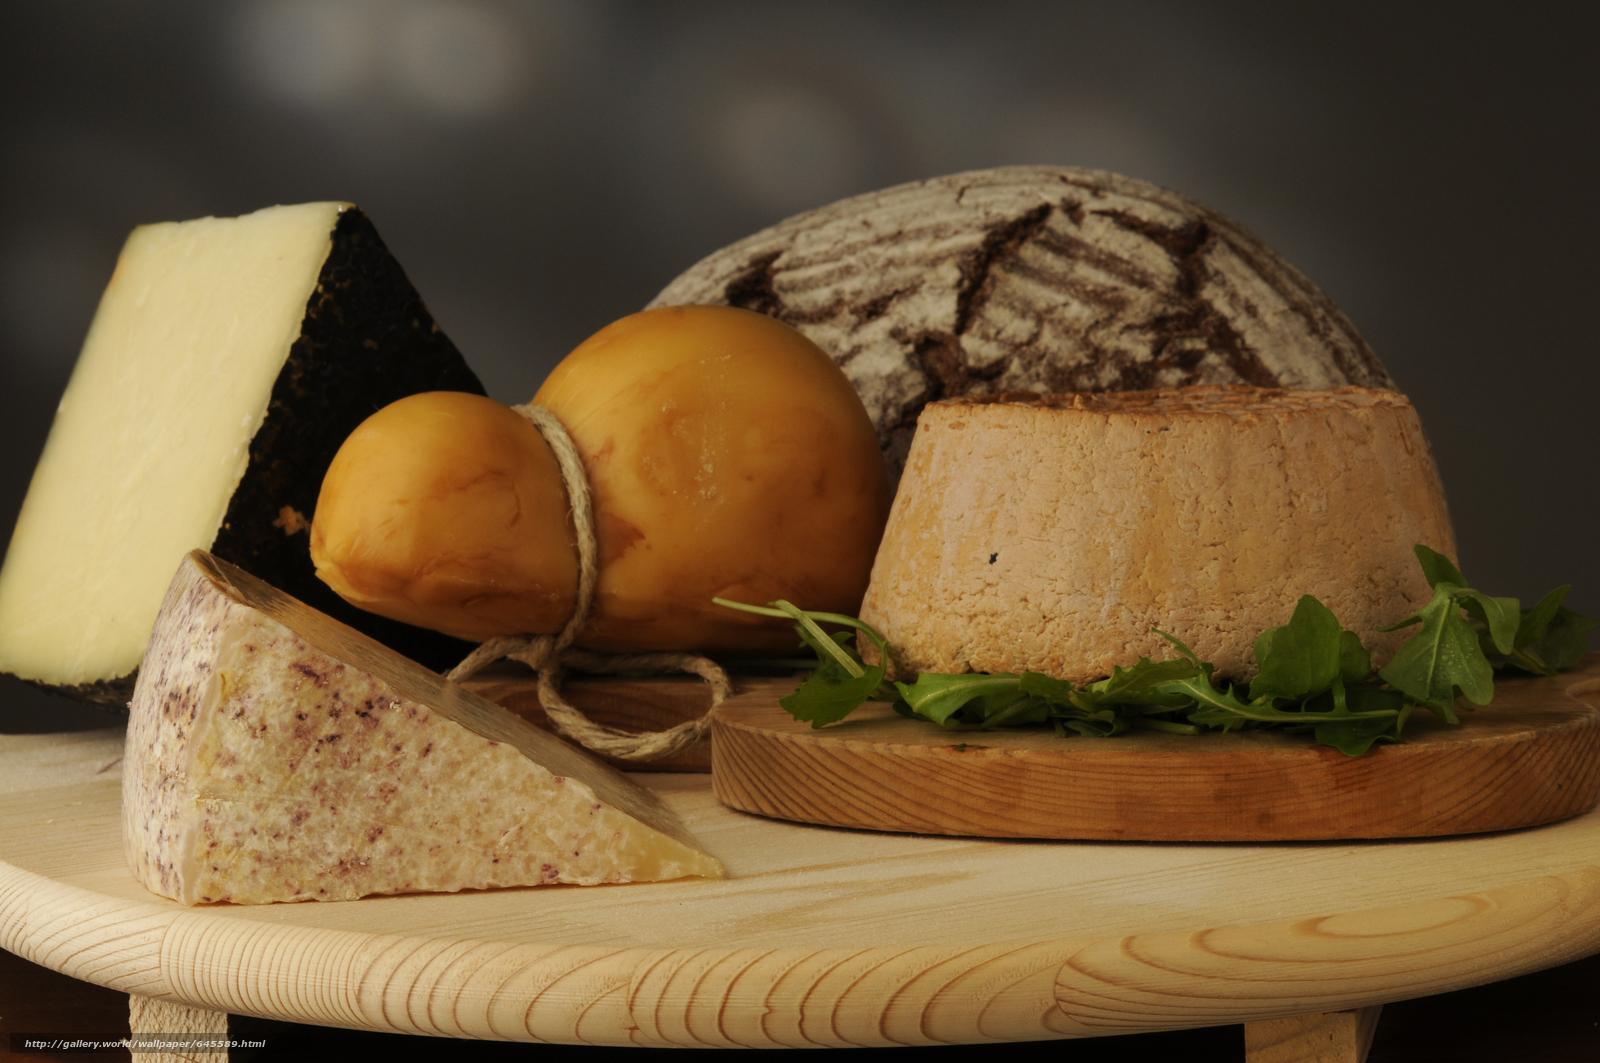 Скачать обои сыр,  еда,  пища,  провиант бесплатно для рабочего стола в разрешении 6500x4317 — картинка №645589